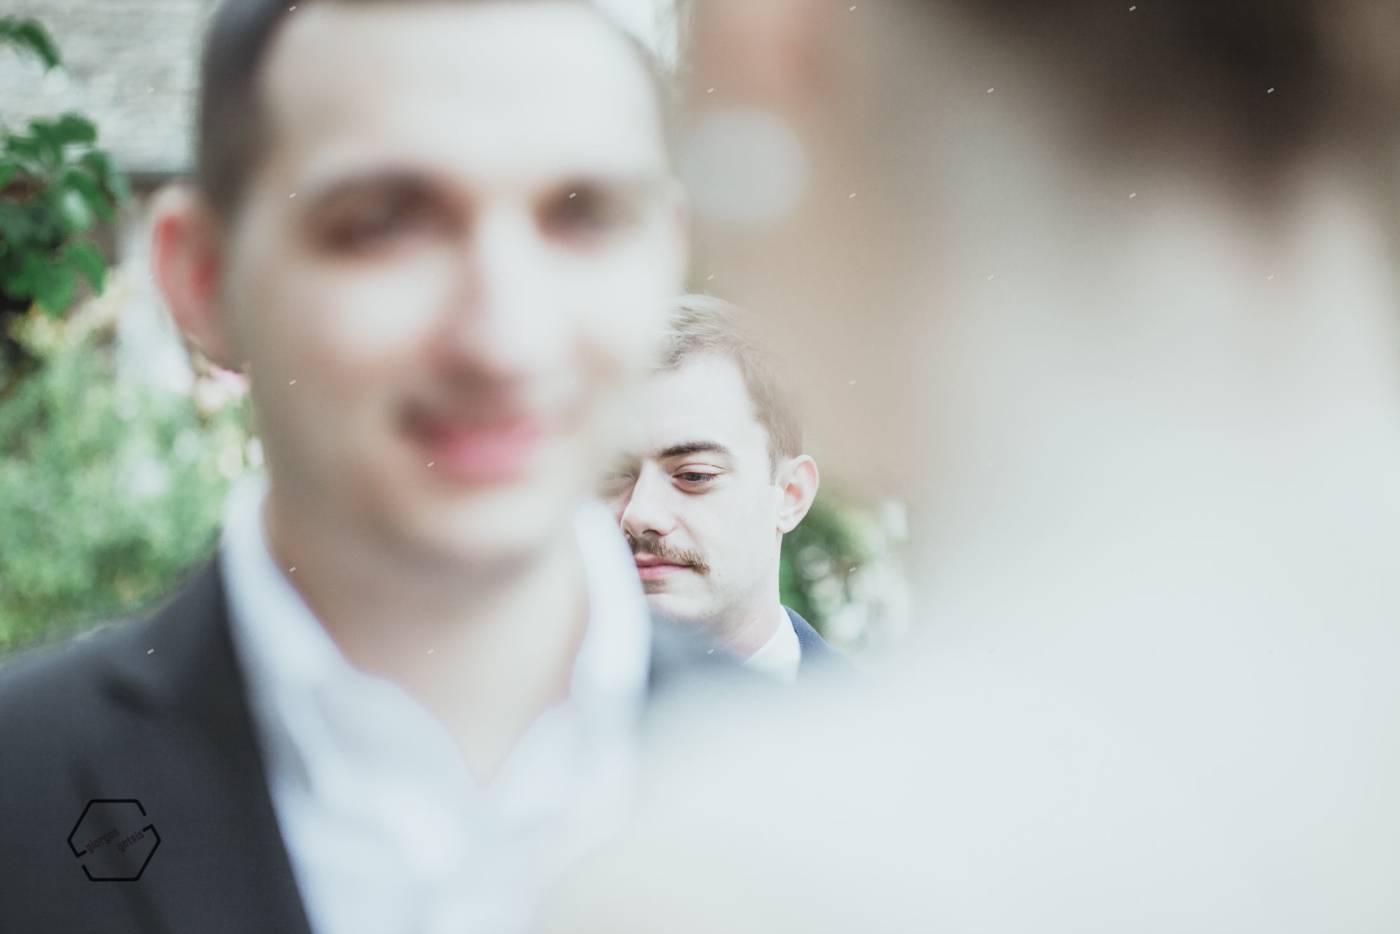 φωτογράφος πολιτικού γάμου